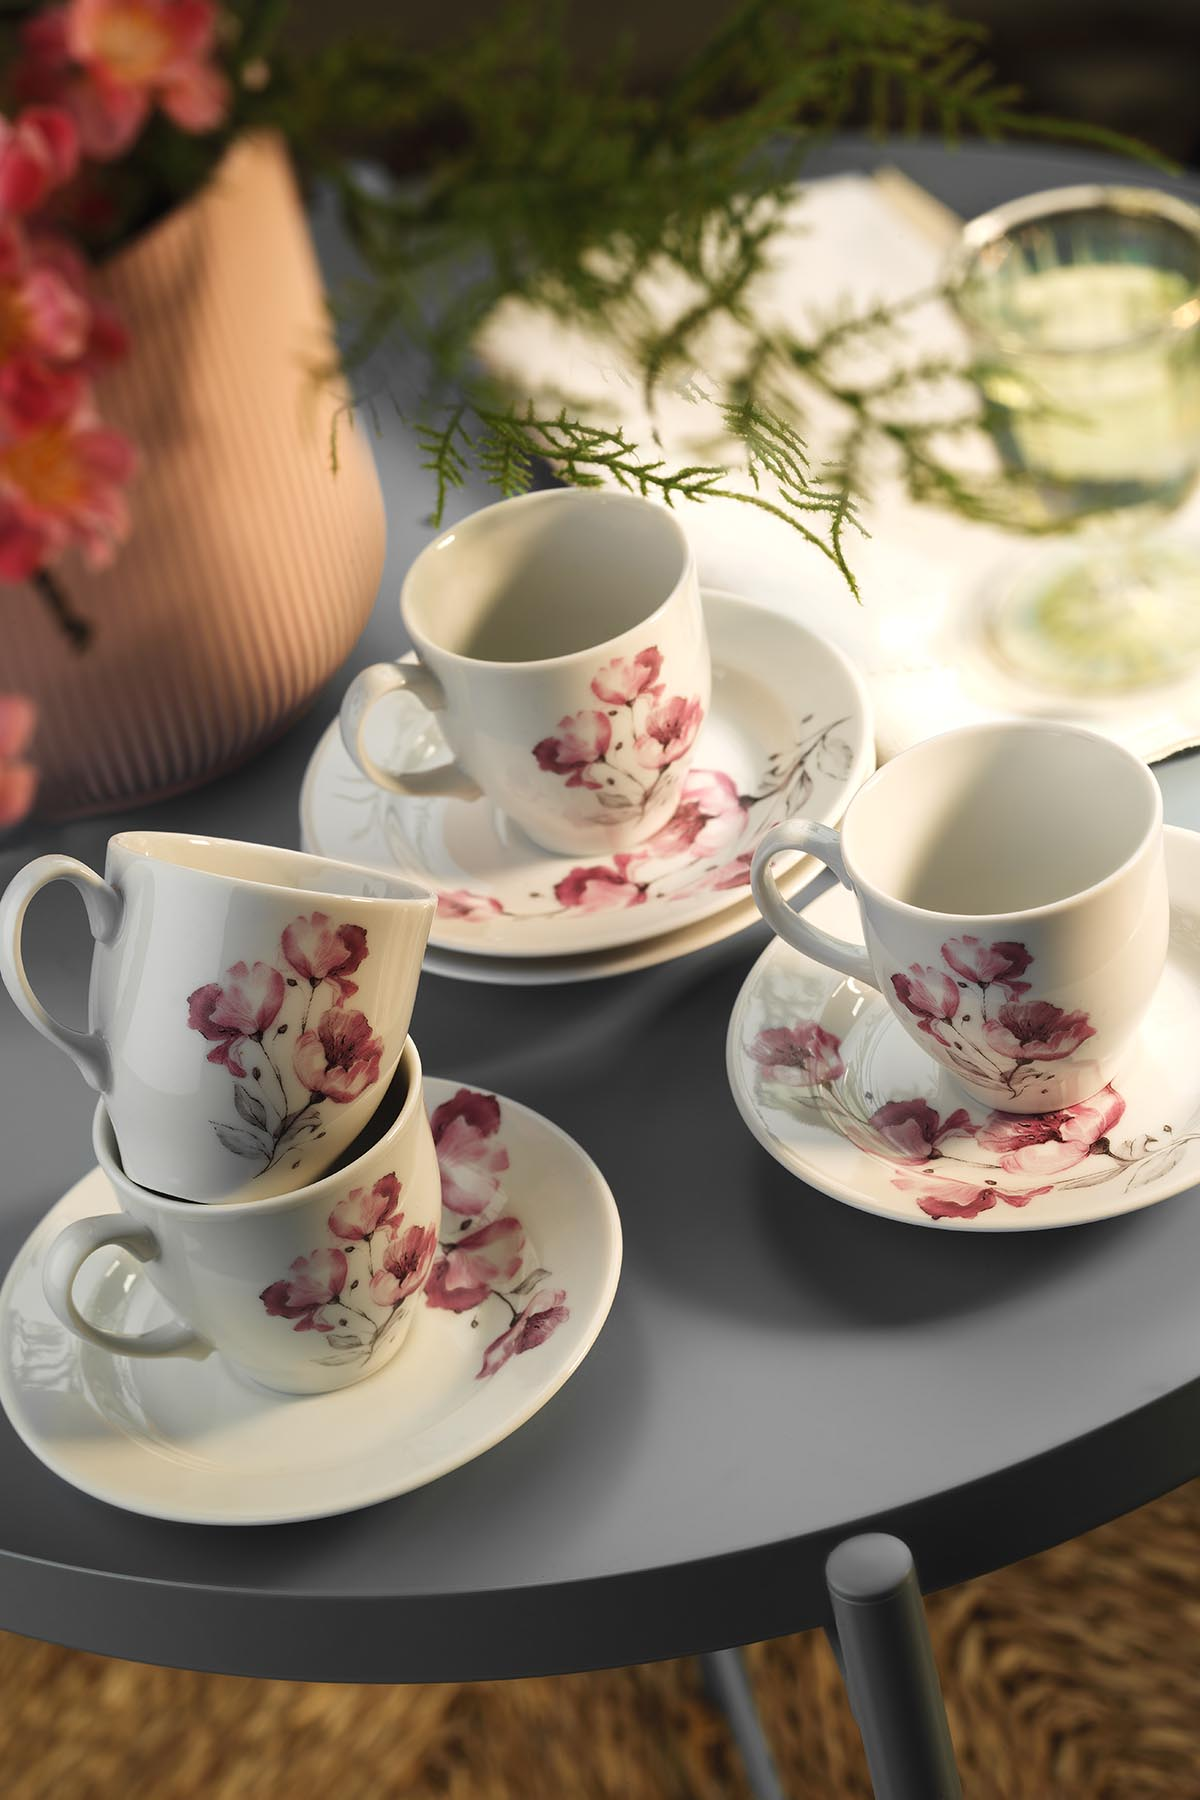 Kütahya Porselen - Kütahya Porselen Yasemin 10888 Desen Kahve Fincan Takımı